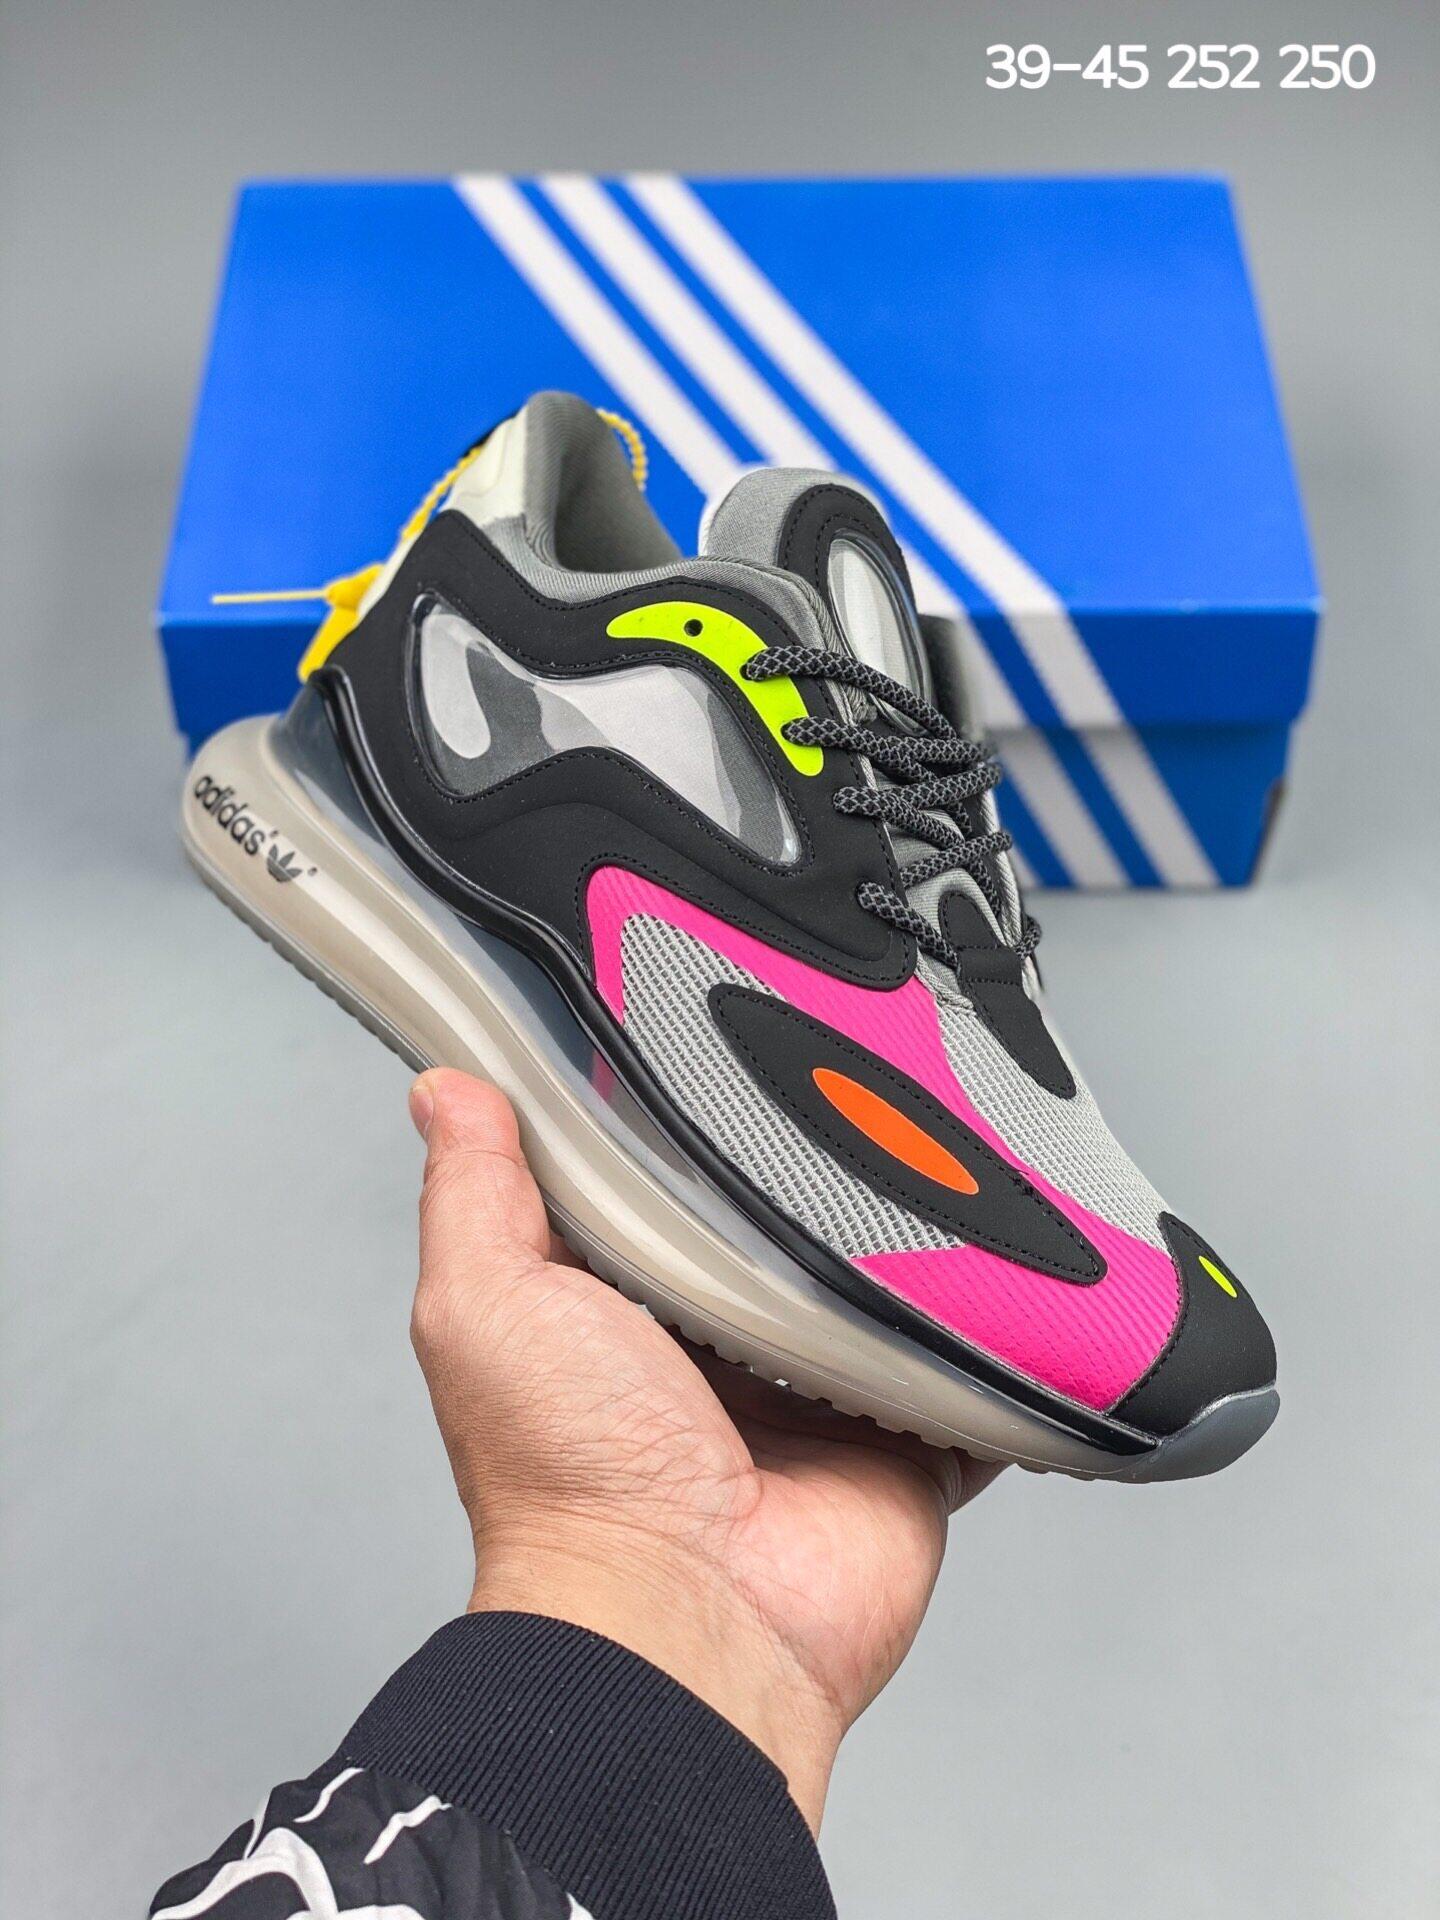 90199莆田鞋 阿迪达斯  Adidas Shoes潮鞋休闲慢跑鞋